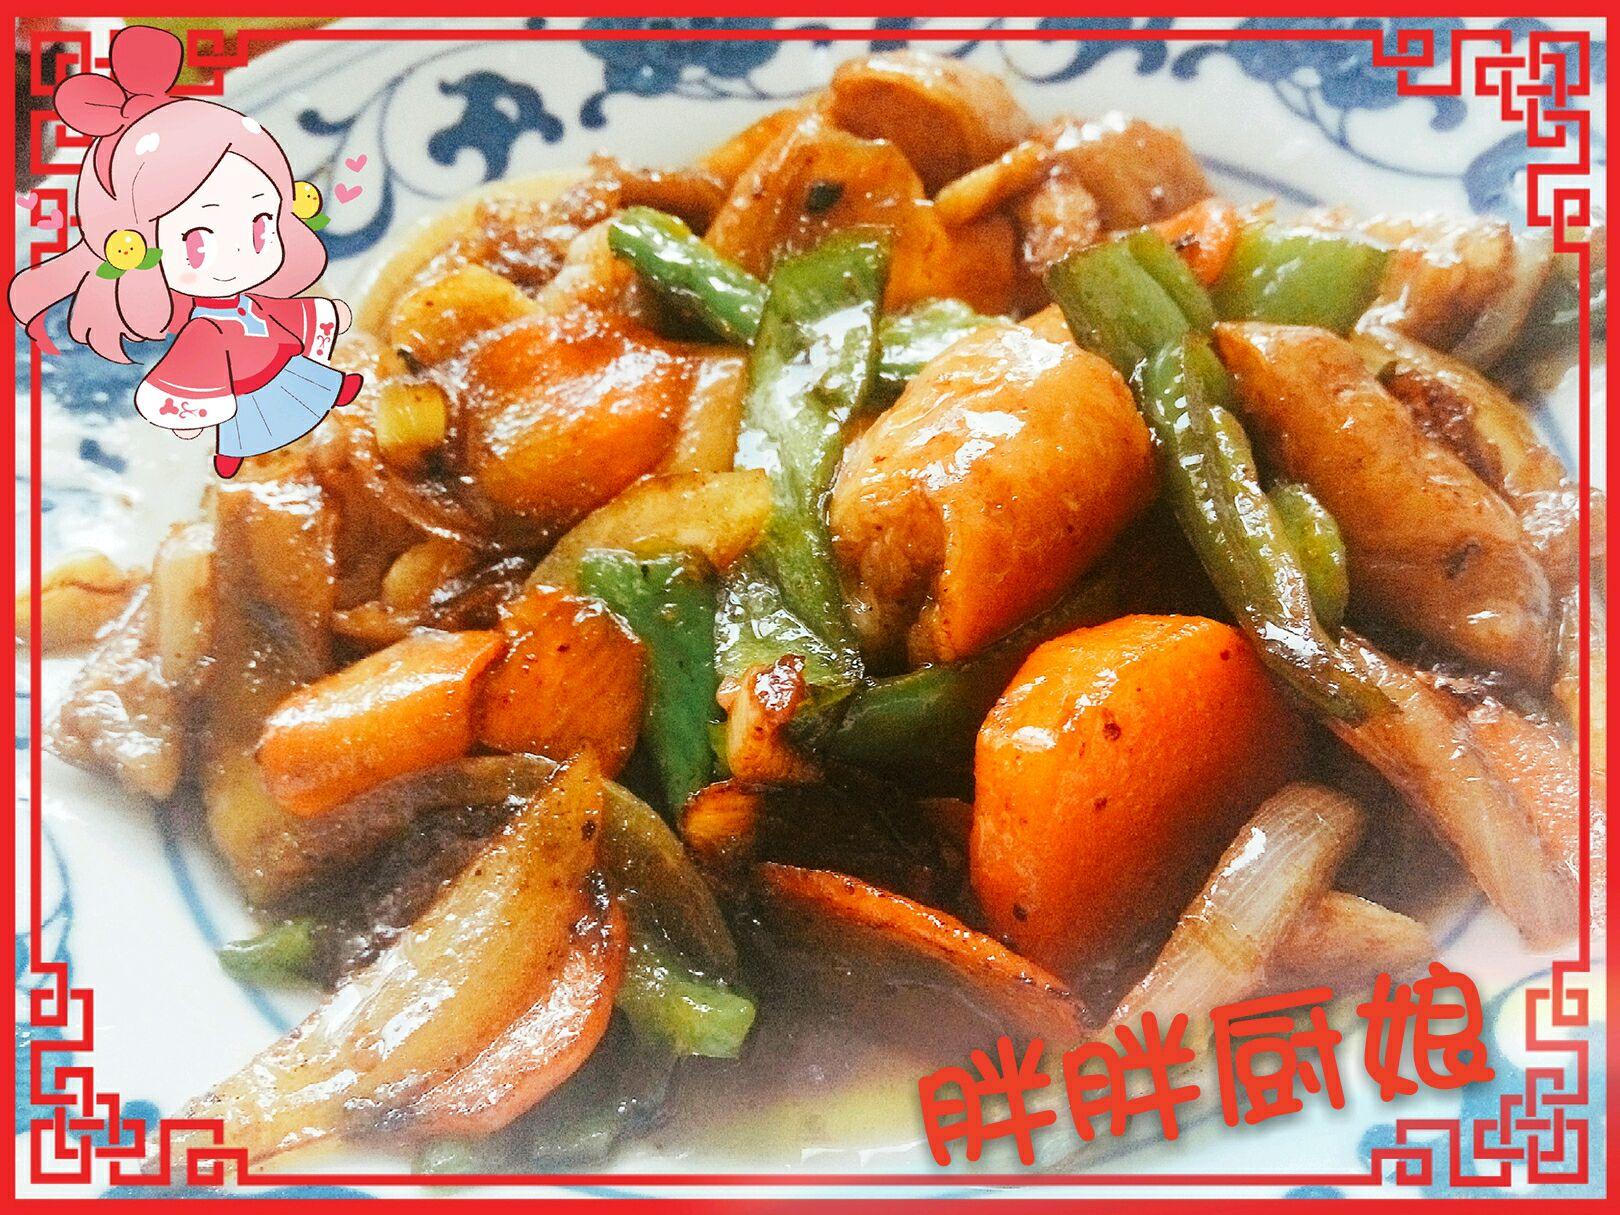 爆炒肥肠的做法_【图解】爆炒肥肠怎么做如何做好吃